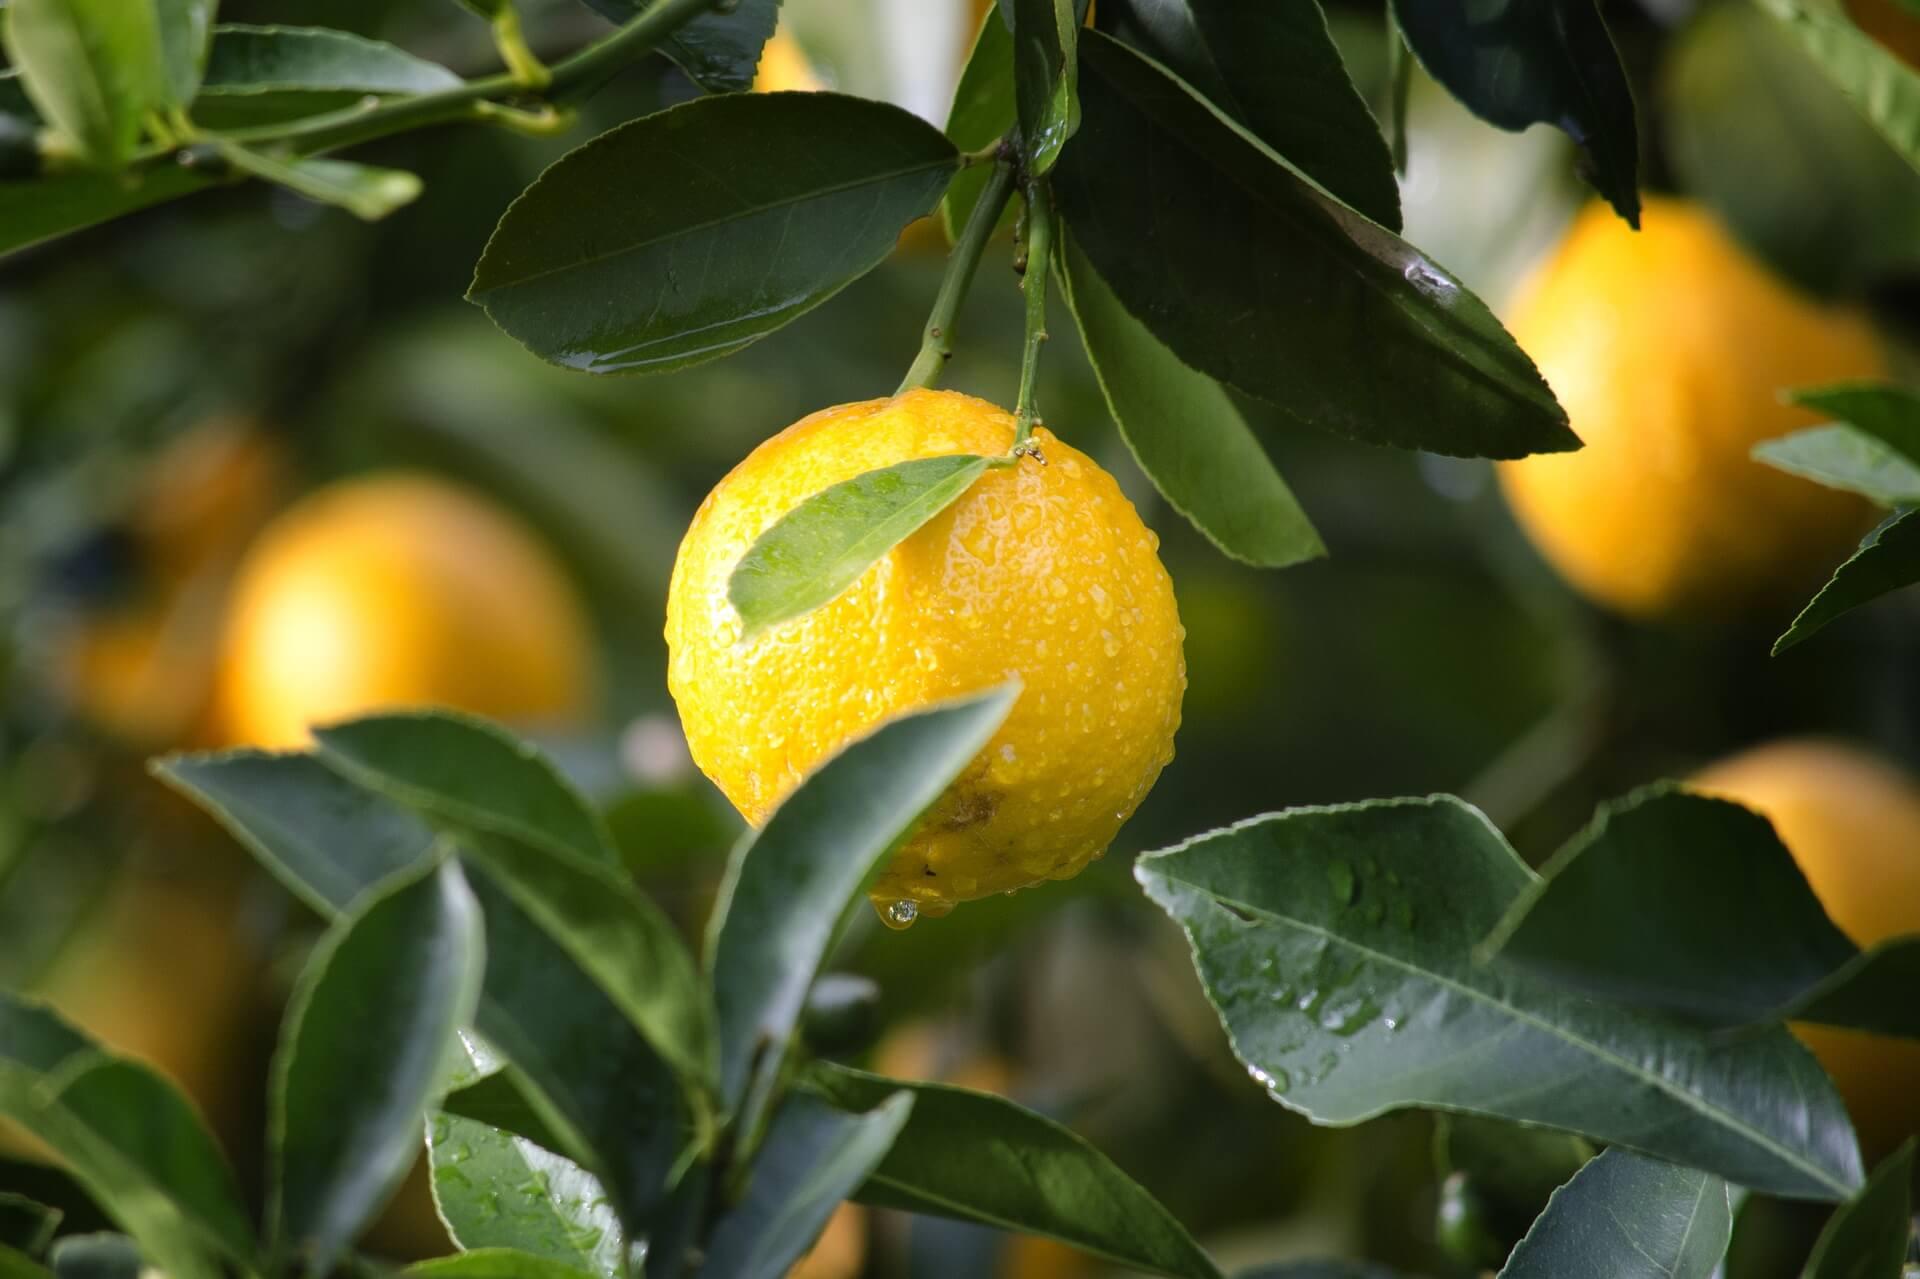 Agrumi In Vaso Coltivare Le Piante Di Limoni è Facile Se Sai Come